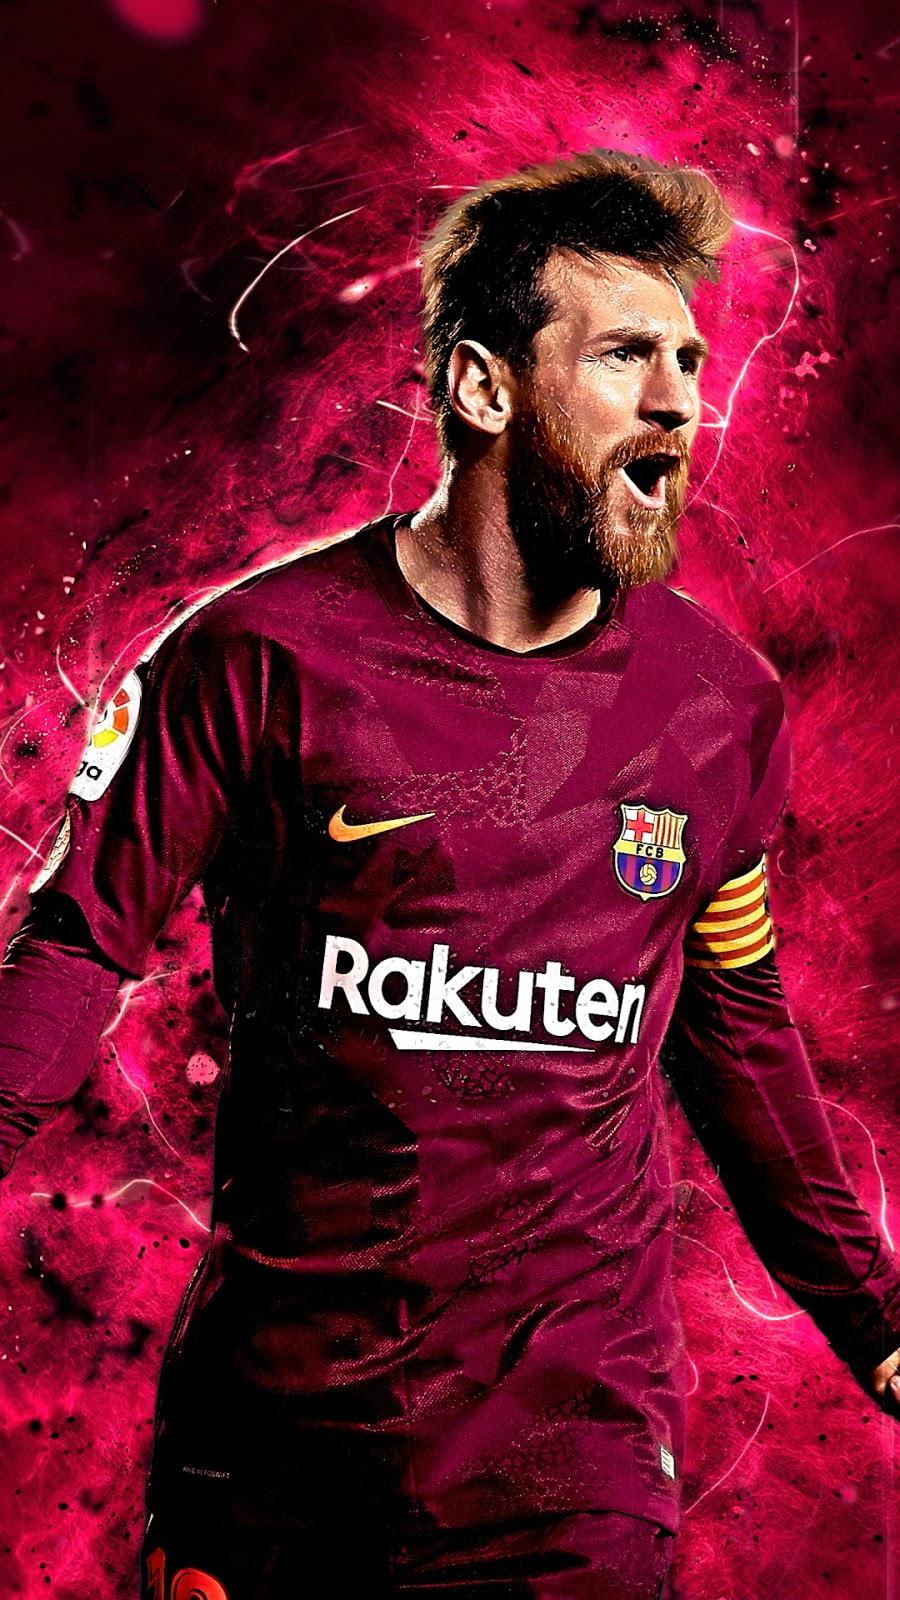 اجمل صور وخلفيات ليونيل ميسي Leo Messi بجوده عاليه موقع الفرعون